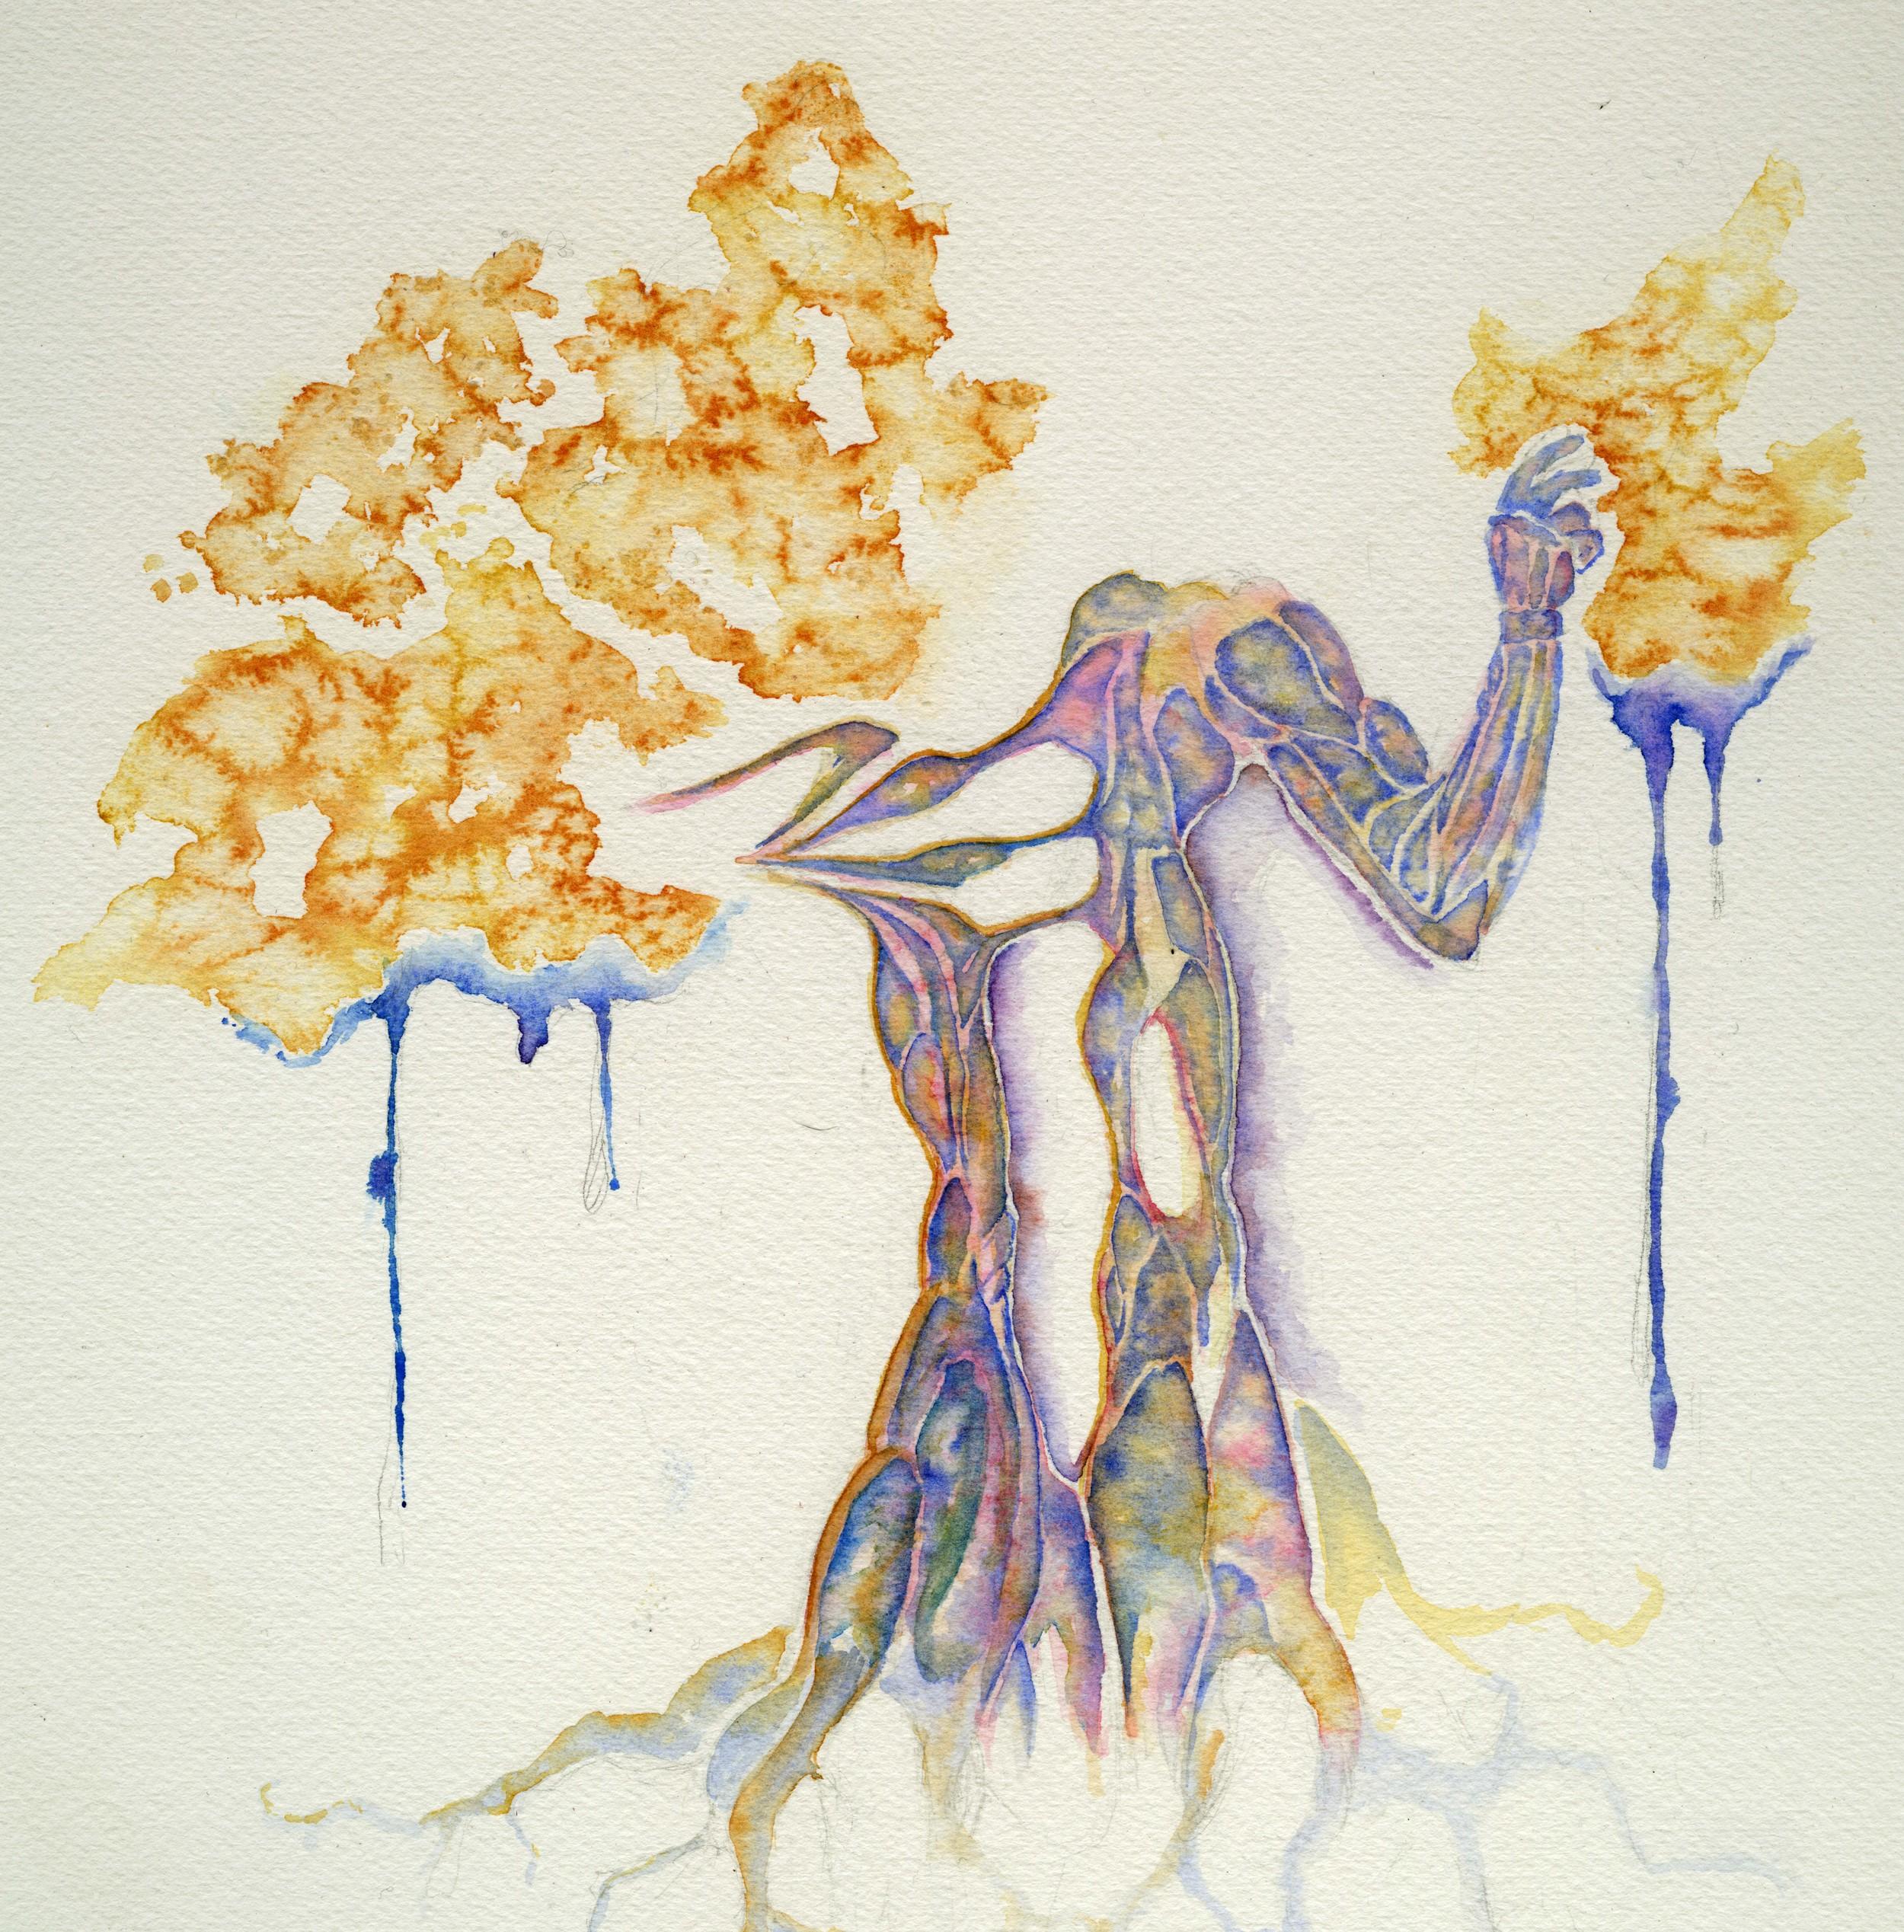 tree_piece 5.jpg